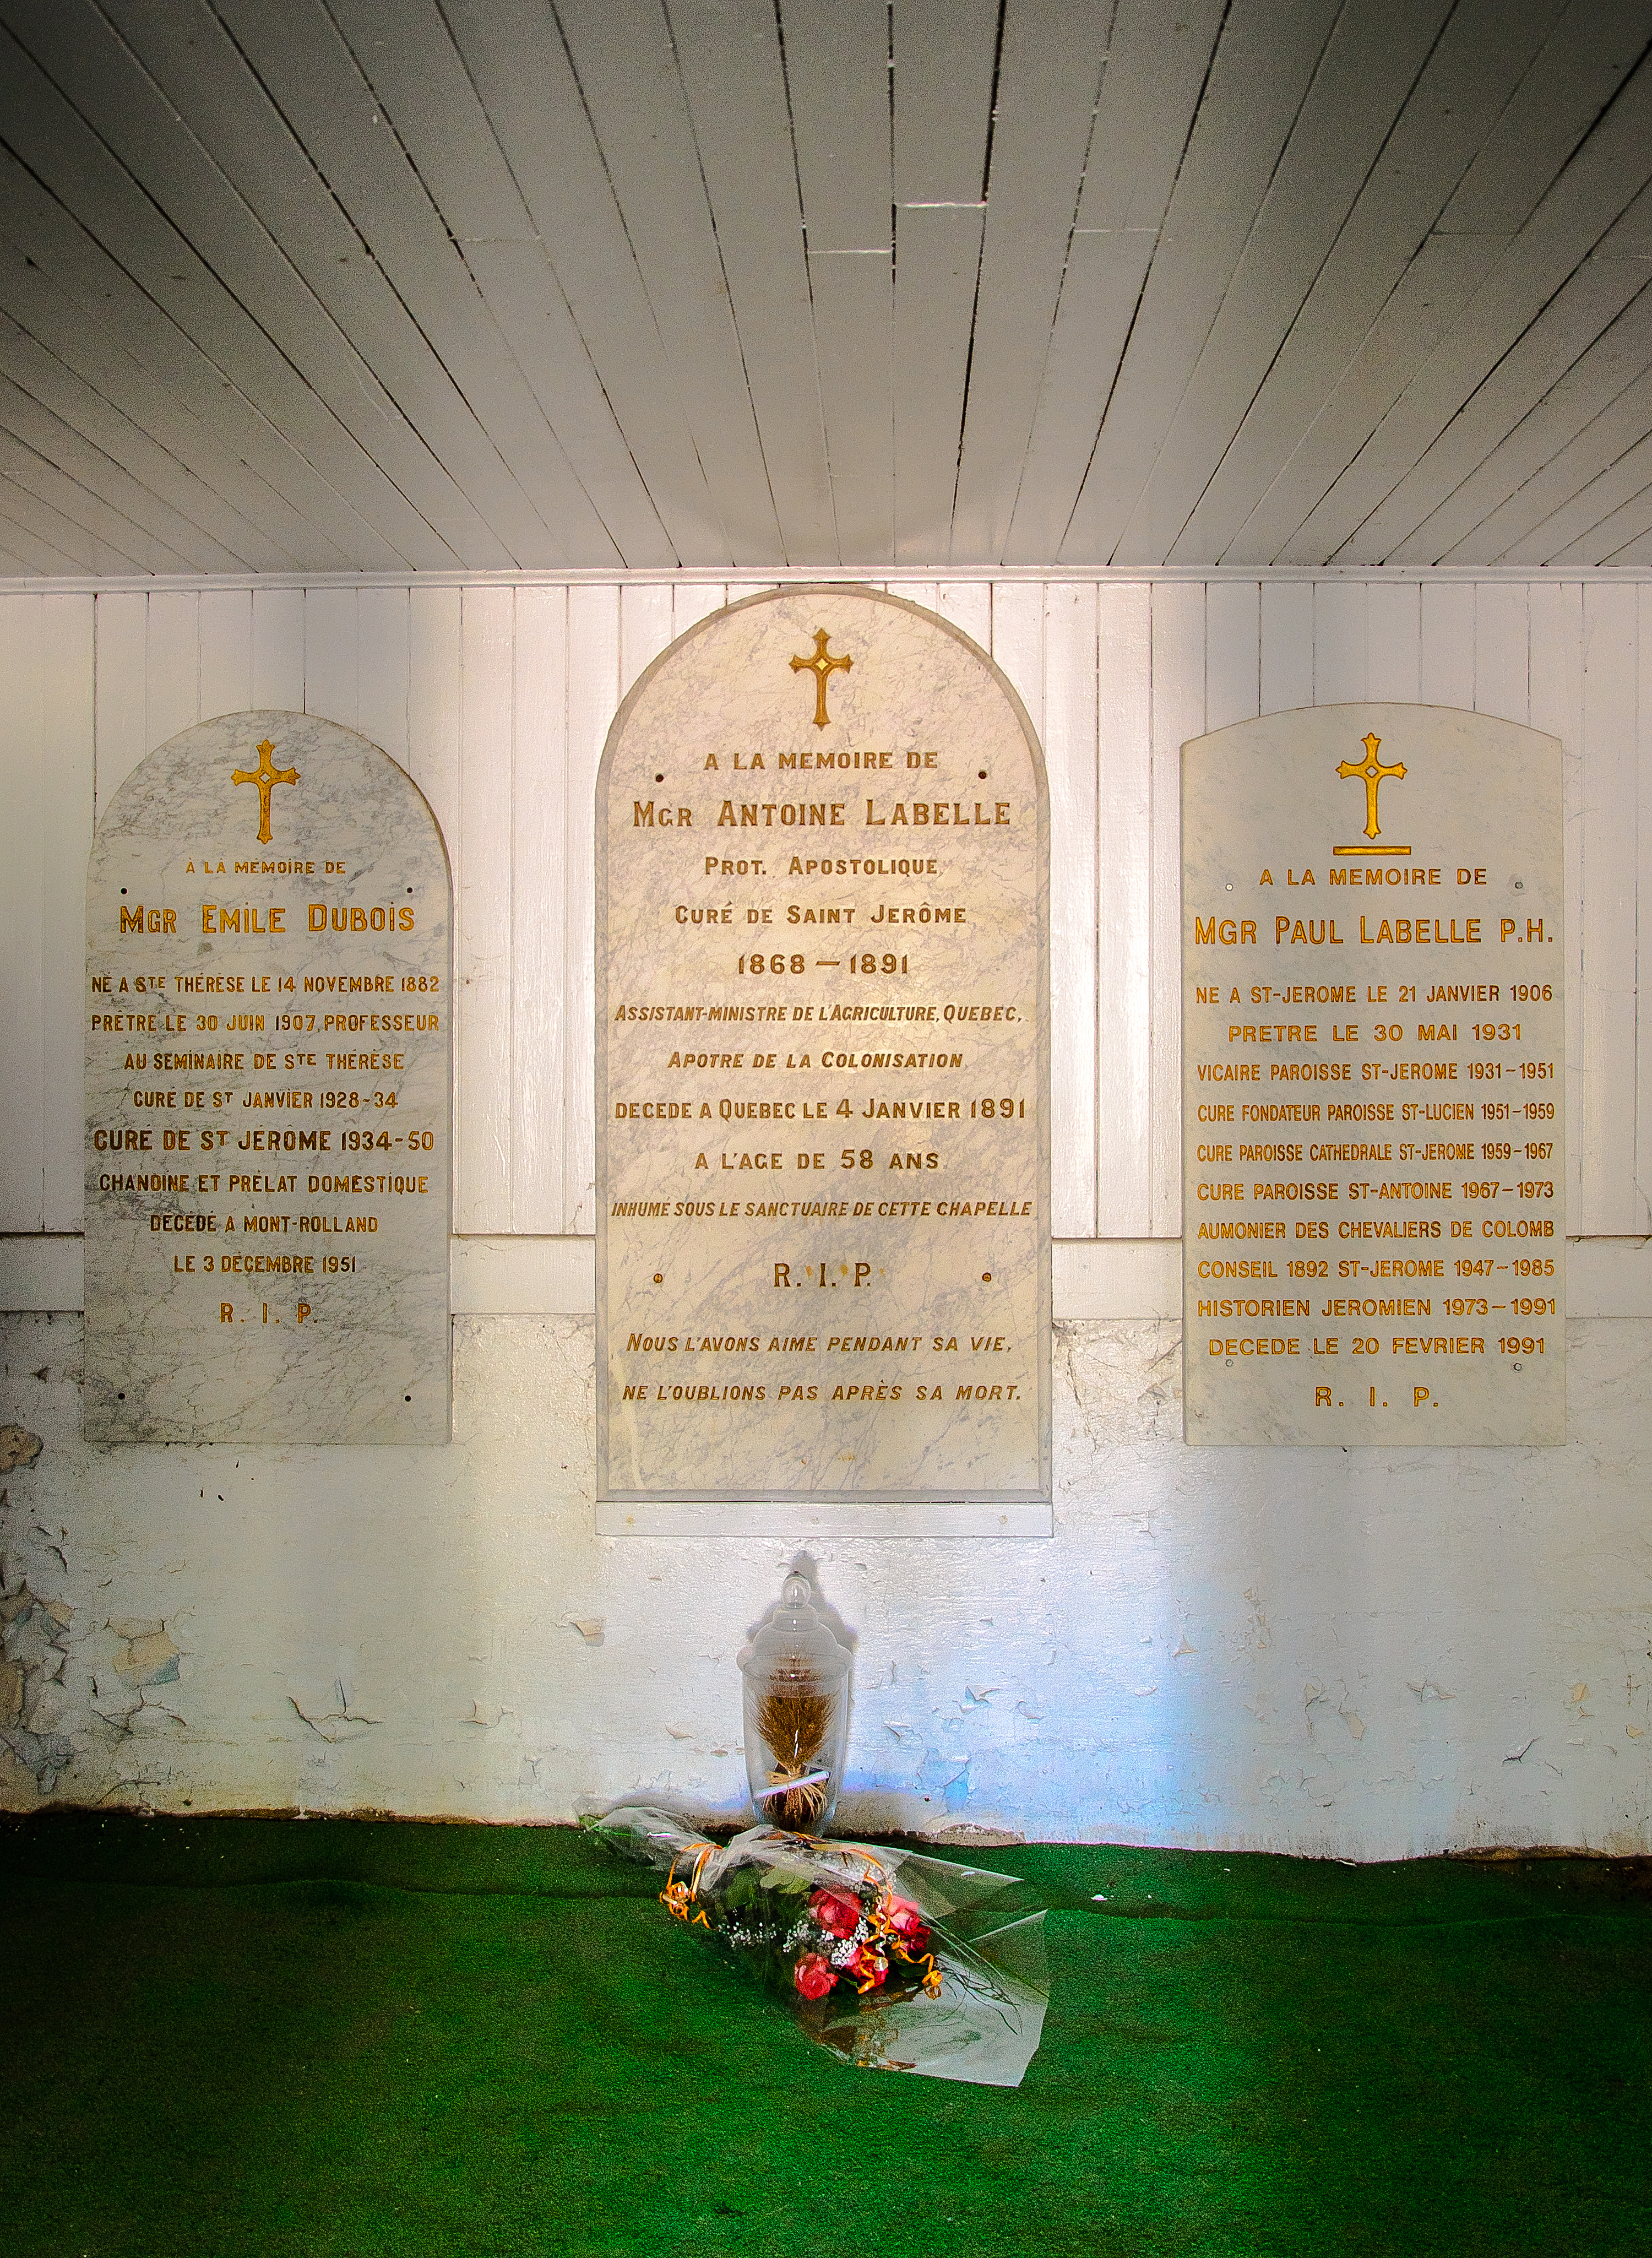 Photographie couleur d'une sépulture dans les sous-bassement d'une chapelle. Trois plaques de marbre blanc avec des écritures dorées sont accrochées au mur. Devant la plaque centrale, un bouquet de fleurs et une urne en verre sont déposés sur le sol recouvert de tapis gazon.